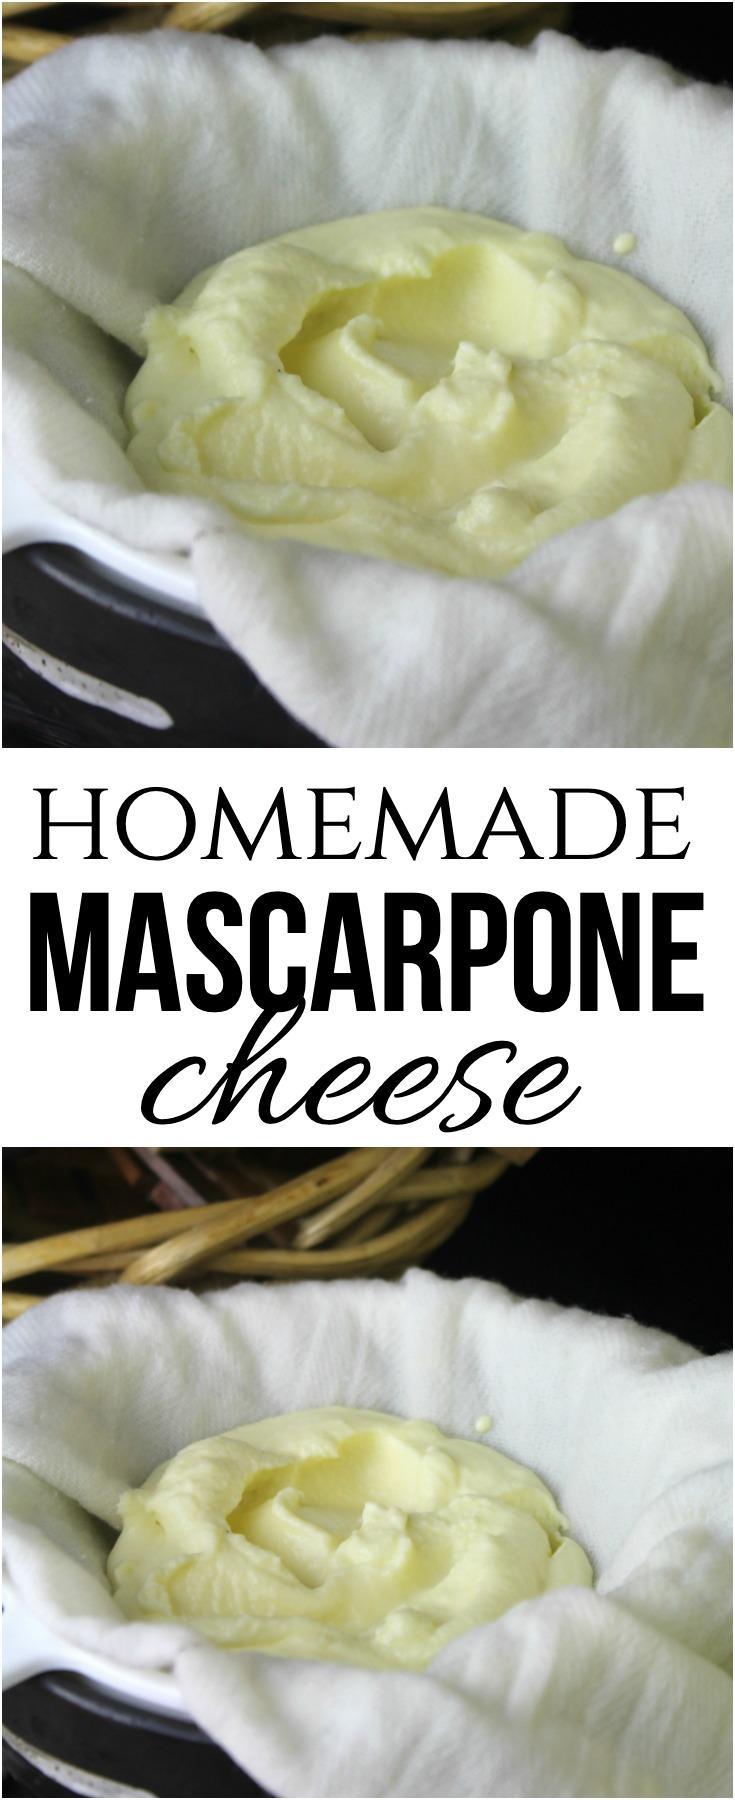 Homemade Mascarpone Cheese